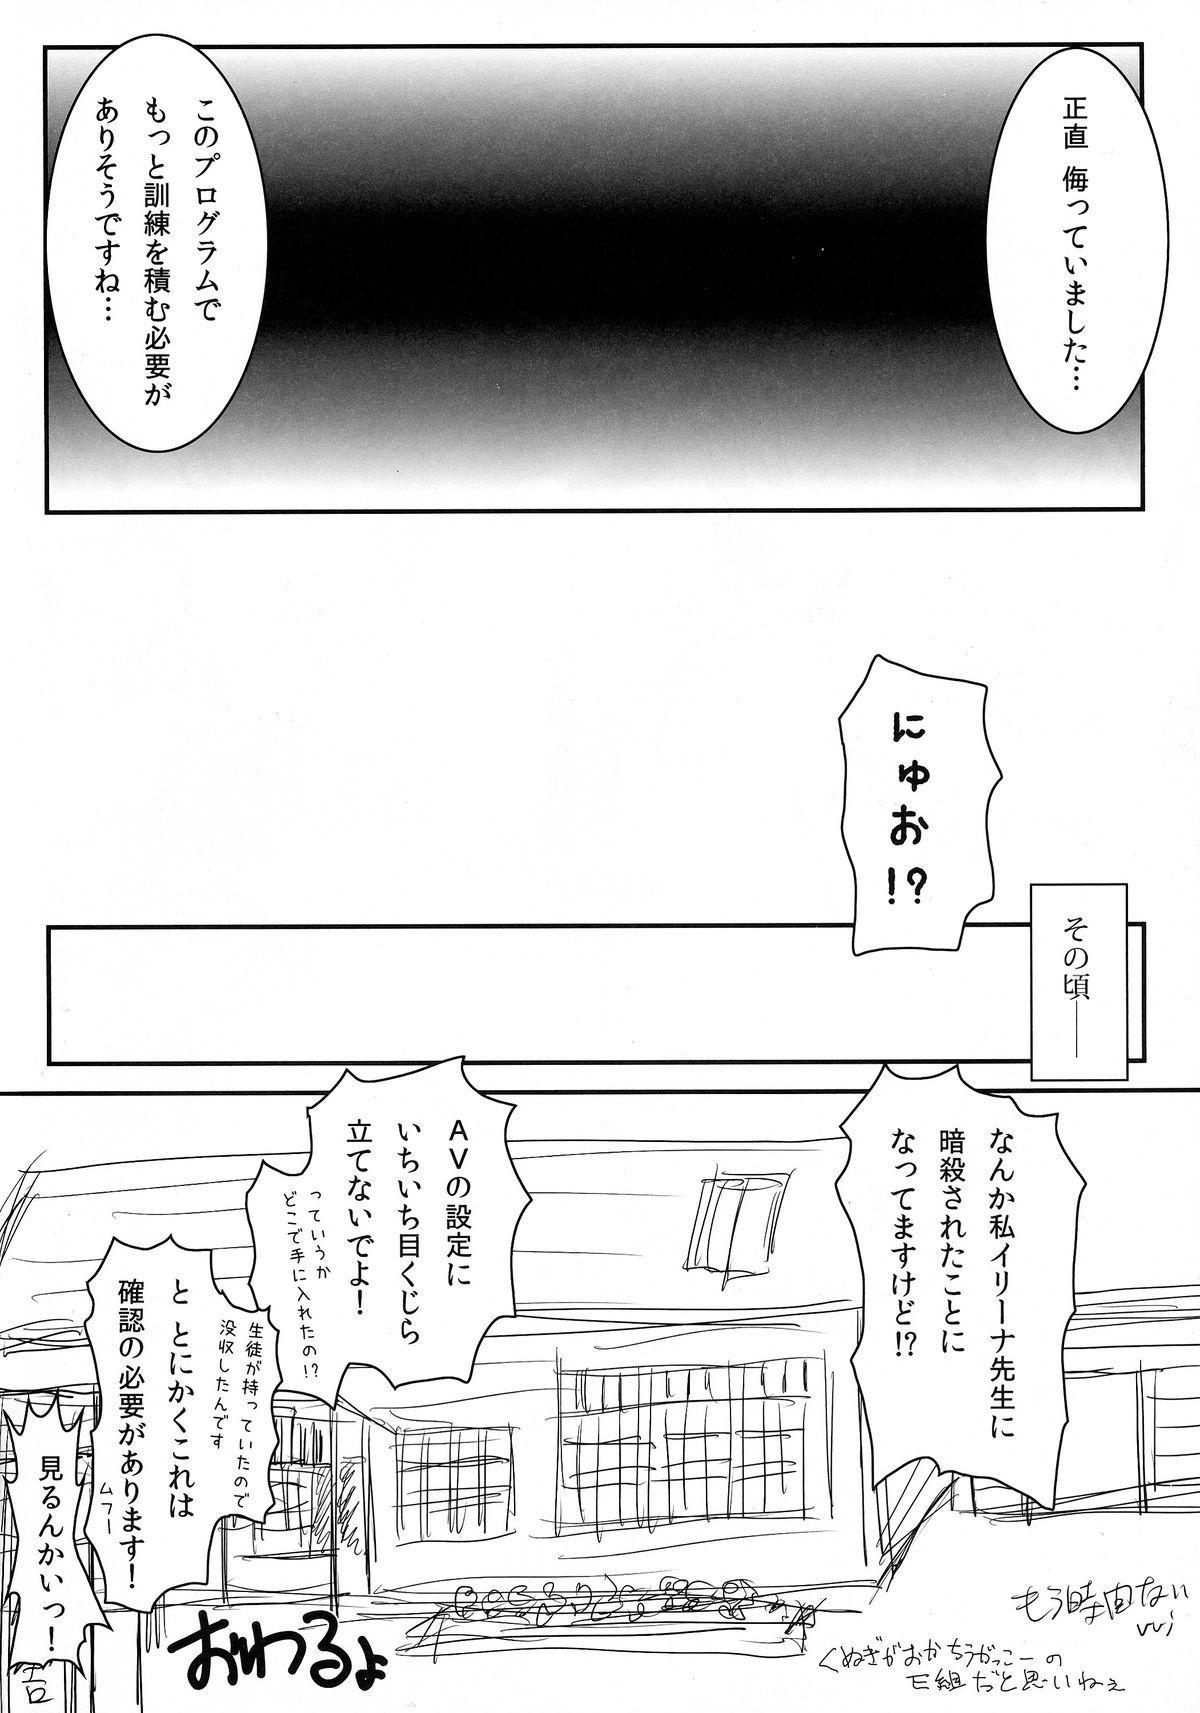 Yami-chan no Ansatsu Kyoushitsu 23